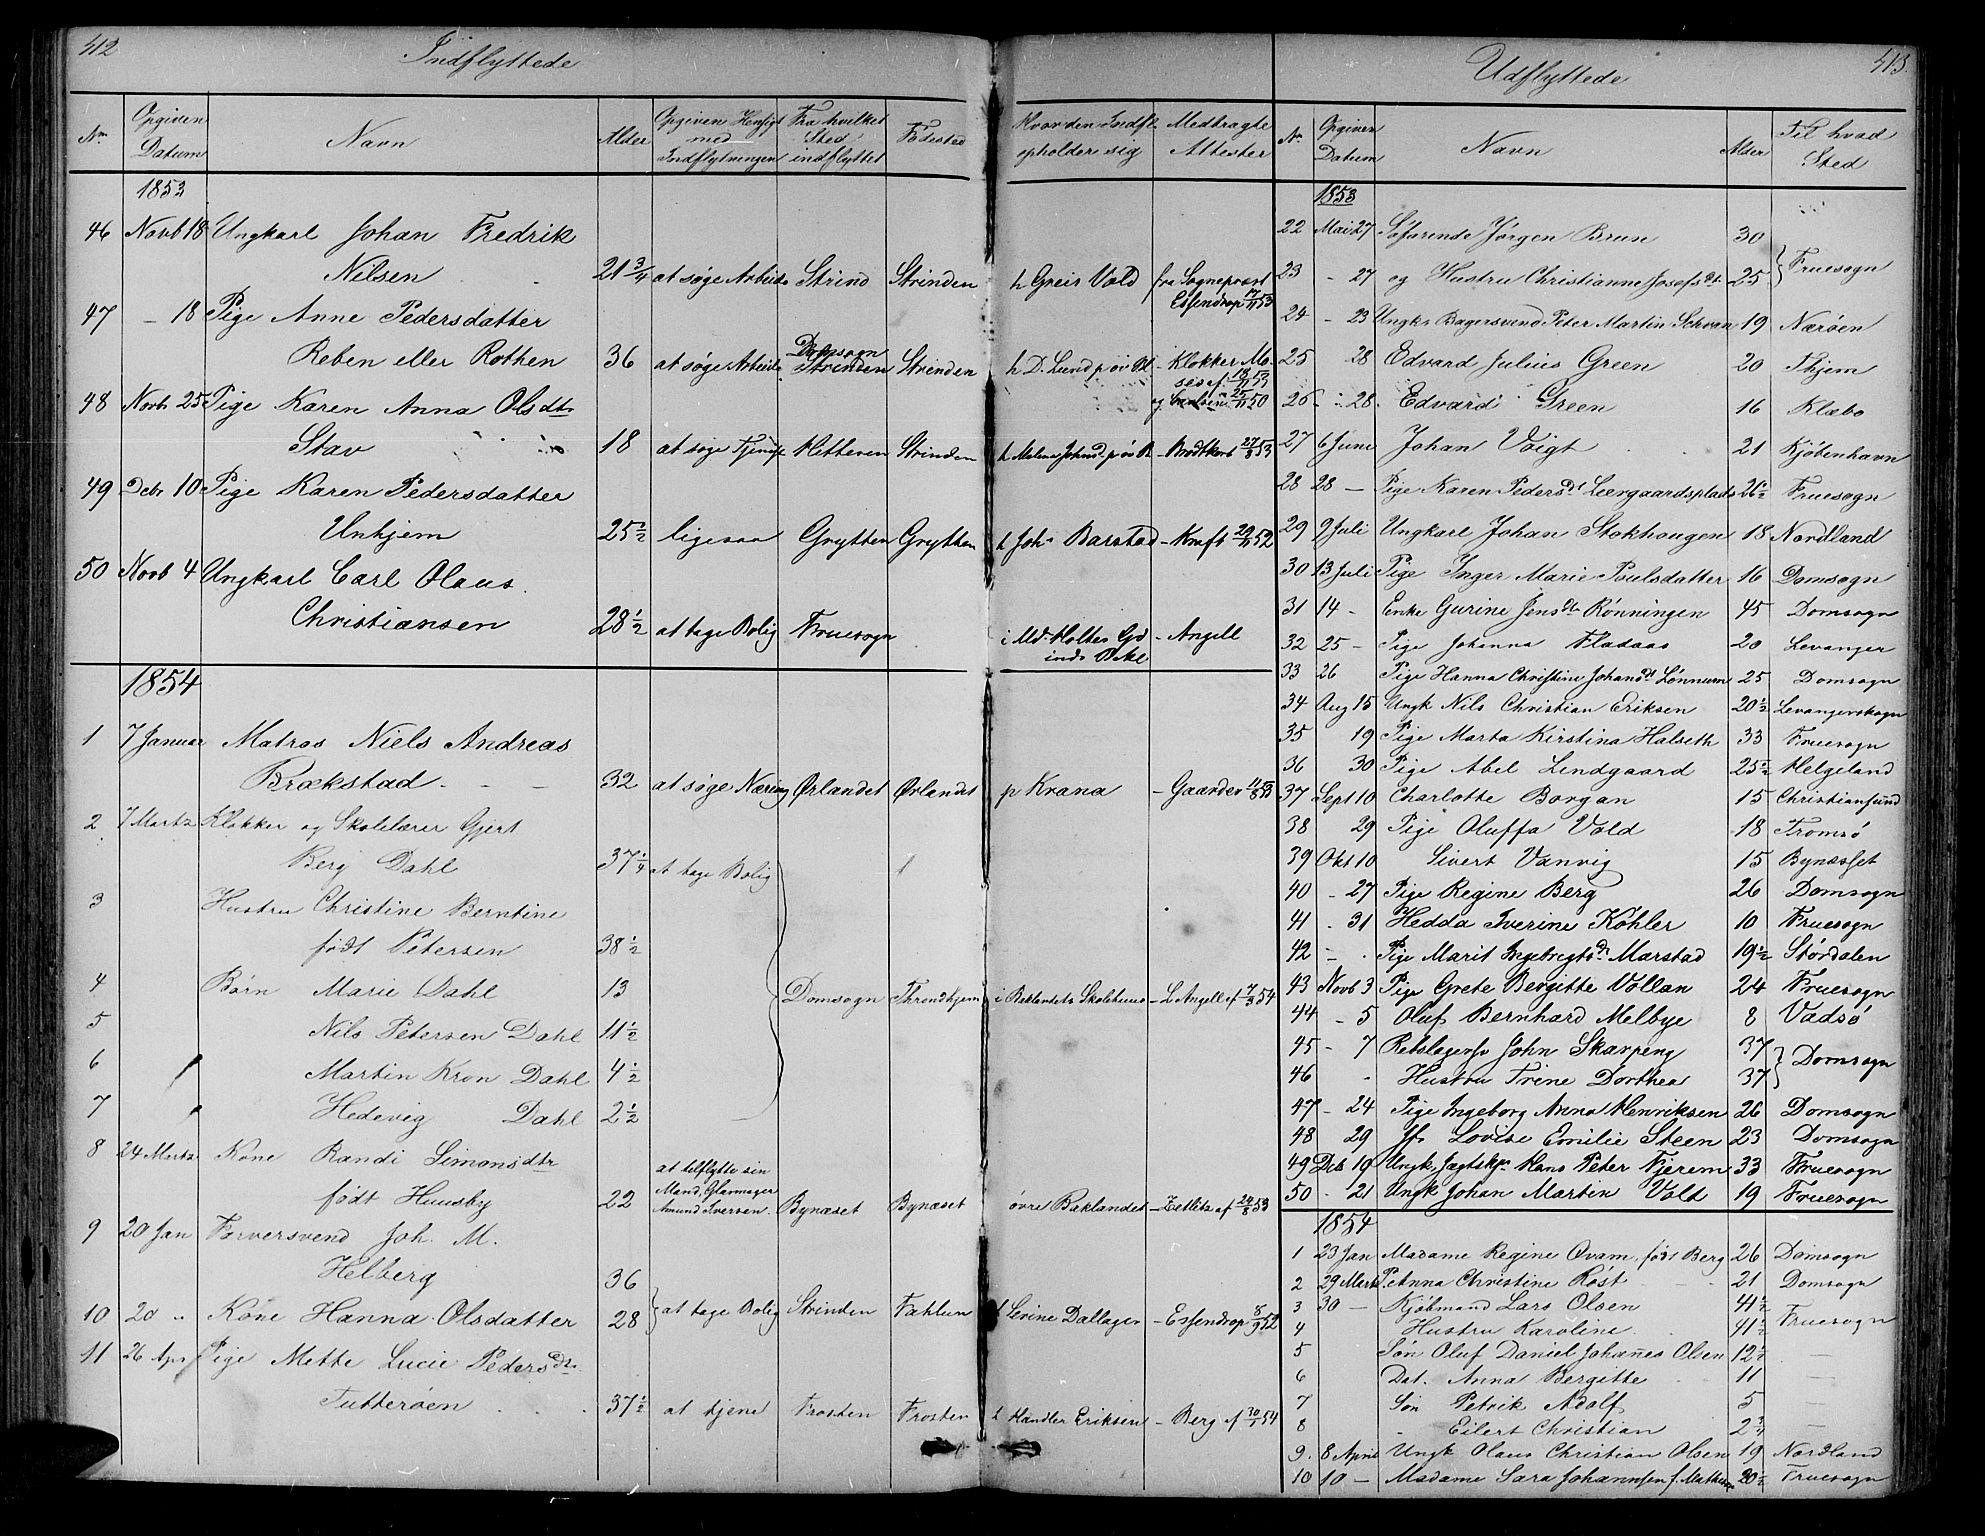 SAT, Ministerialprotokoller, klokkerbøker og fødselsregistre - Sør-Trøndelag, 604/L0219: Klokkerbok nr. 604C02, 1851-1869, s. 412-413